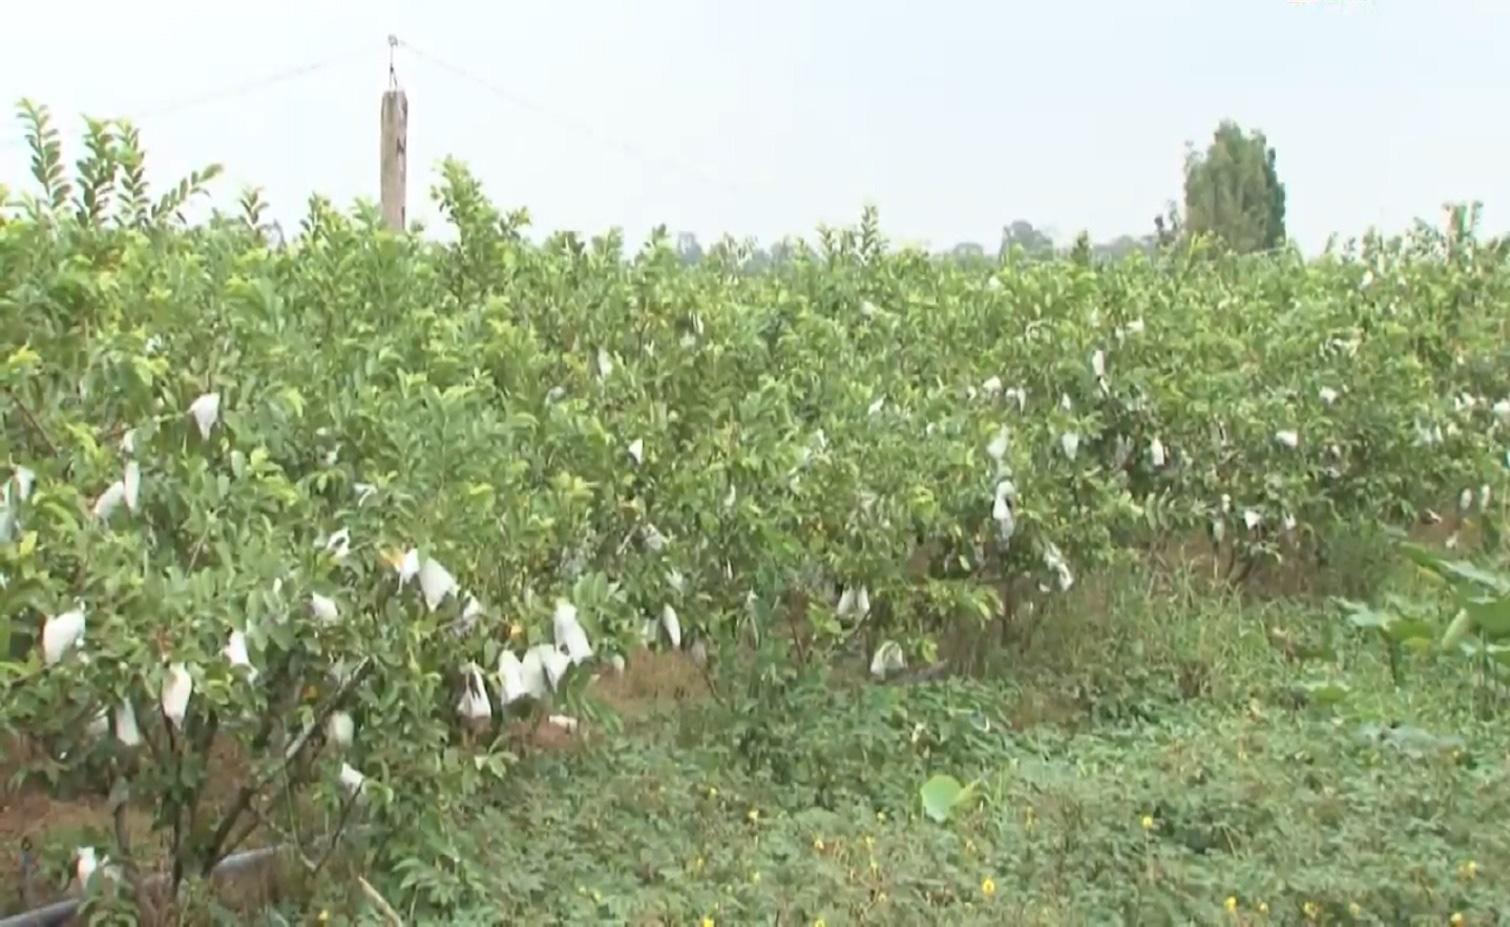 Anh nông dân trồng ổi theo quy trình VietGAP, vườn ổi ngày nào cũng sai trái hơn, đầu ra cũng ngày càng thuận lợi - Ảnh 12.